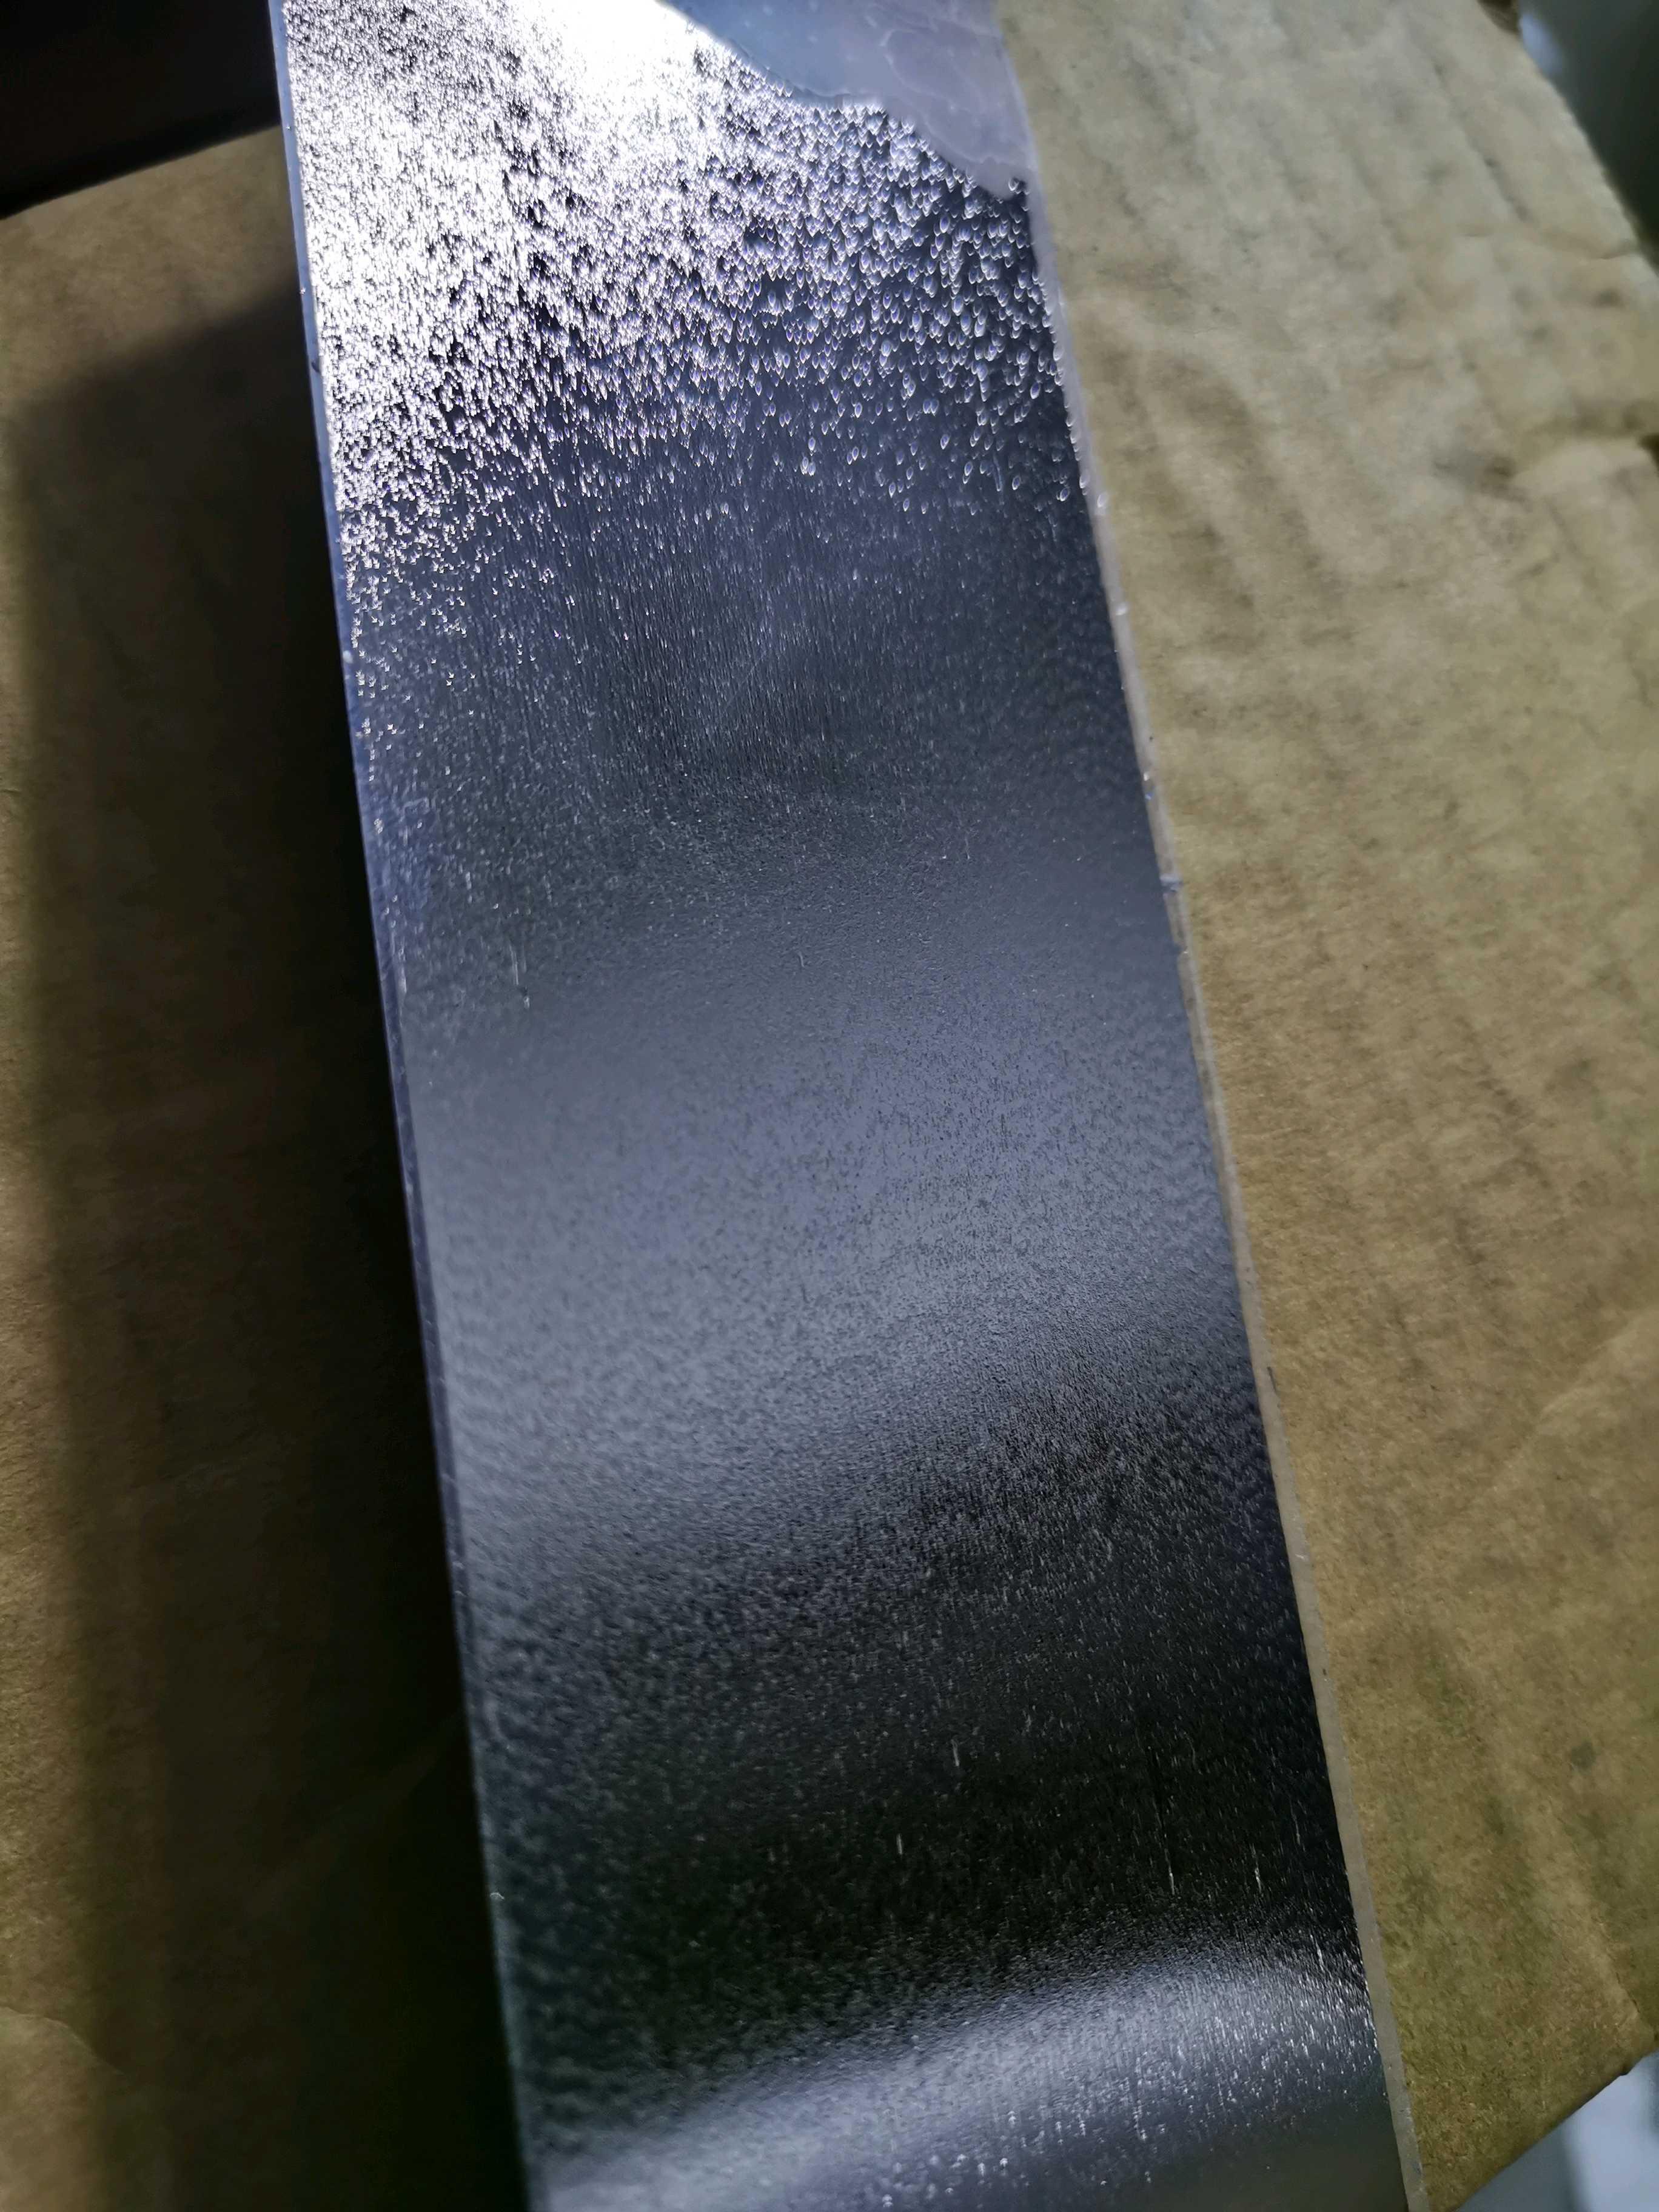 出无线充纳米晶隔磁材料